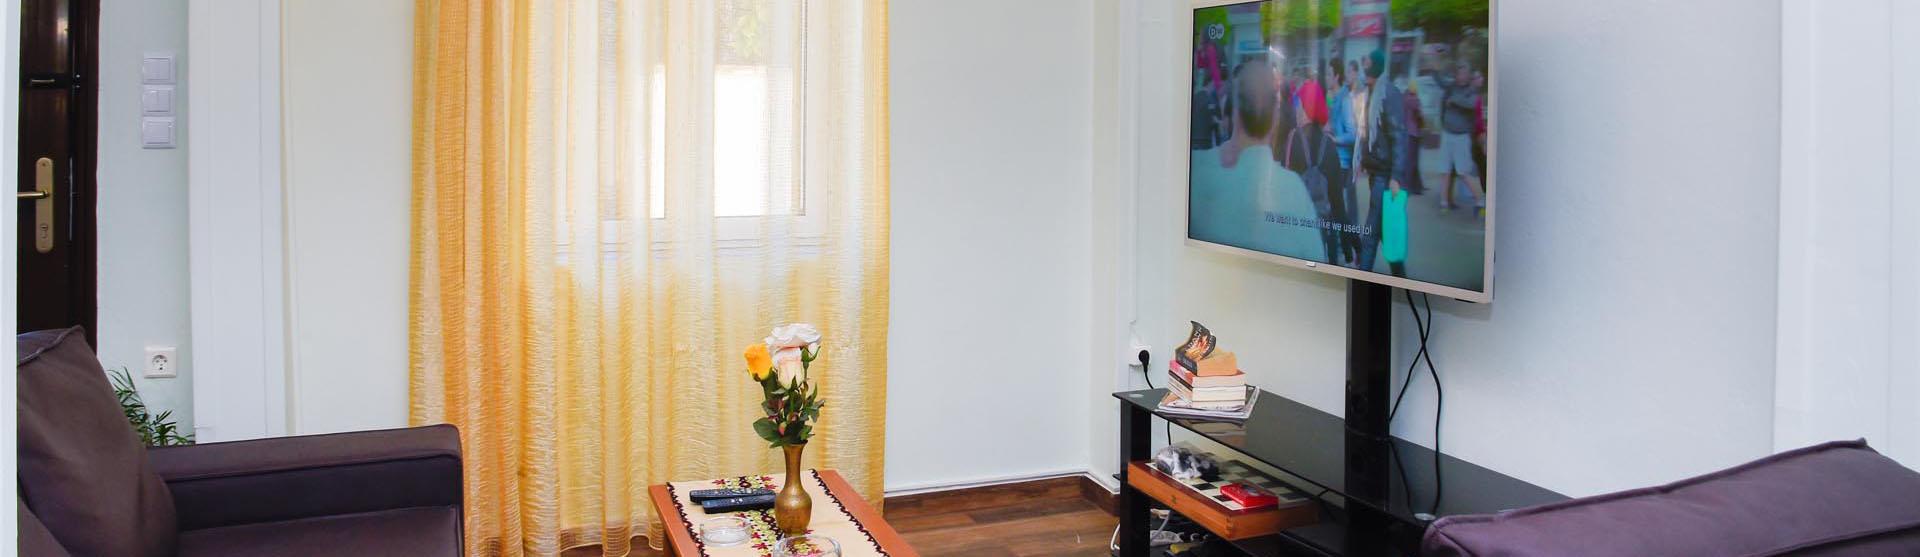 Lefkada Studios & Apartments Reservations